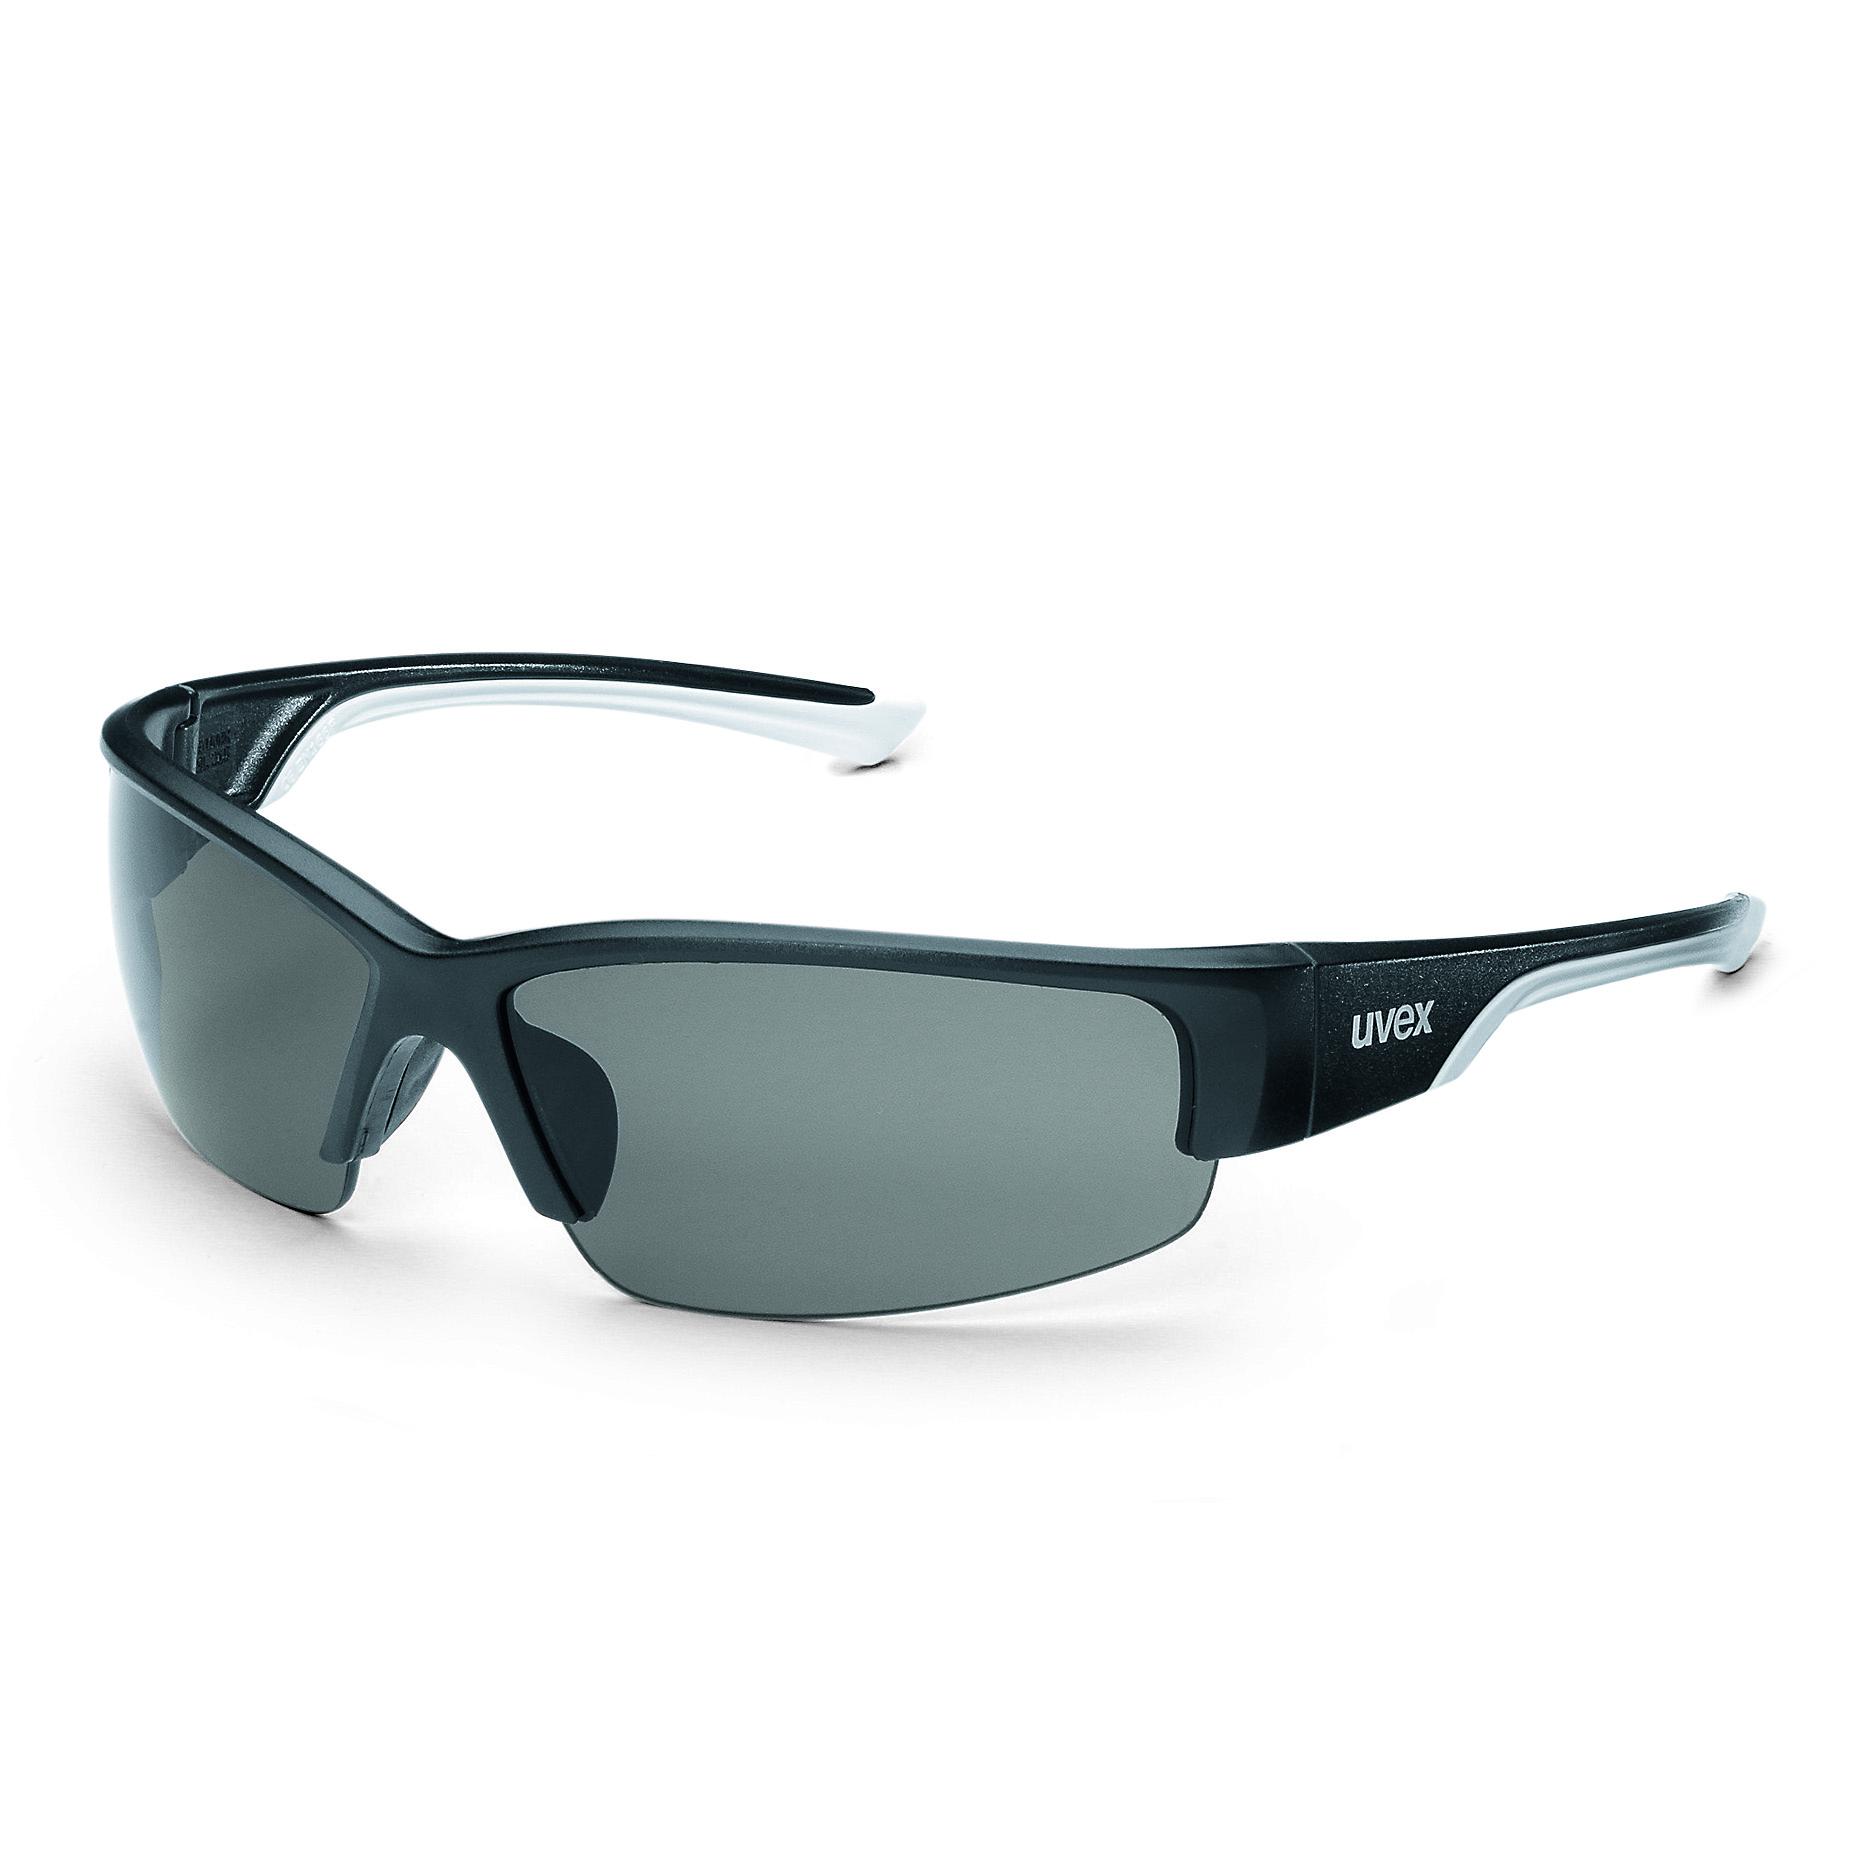 uvex 9231 - polavision - Schutzbrille